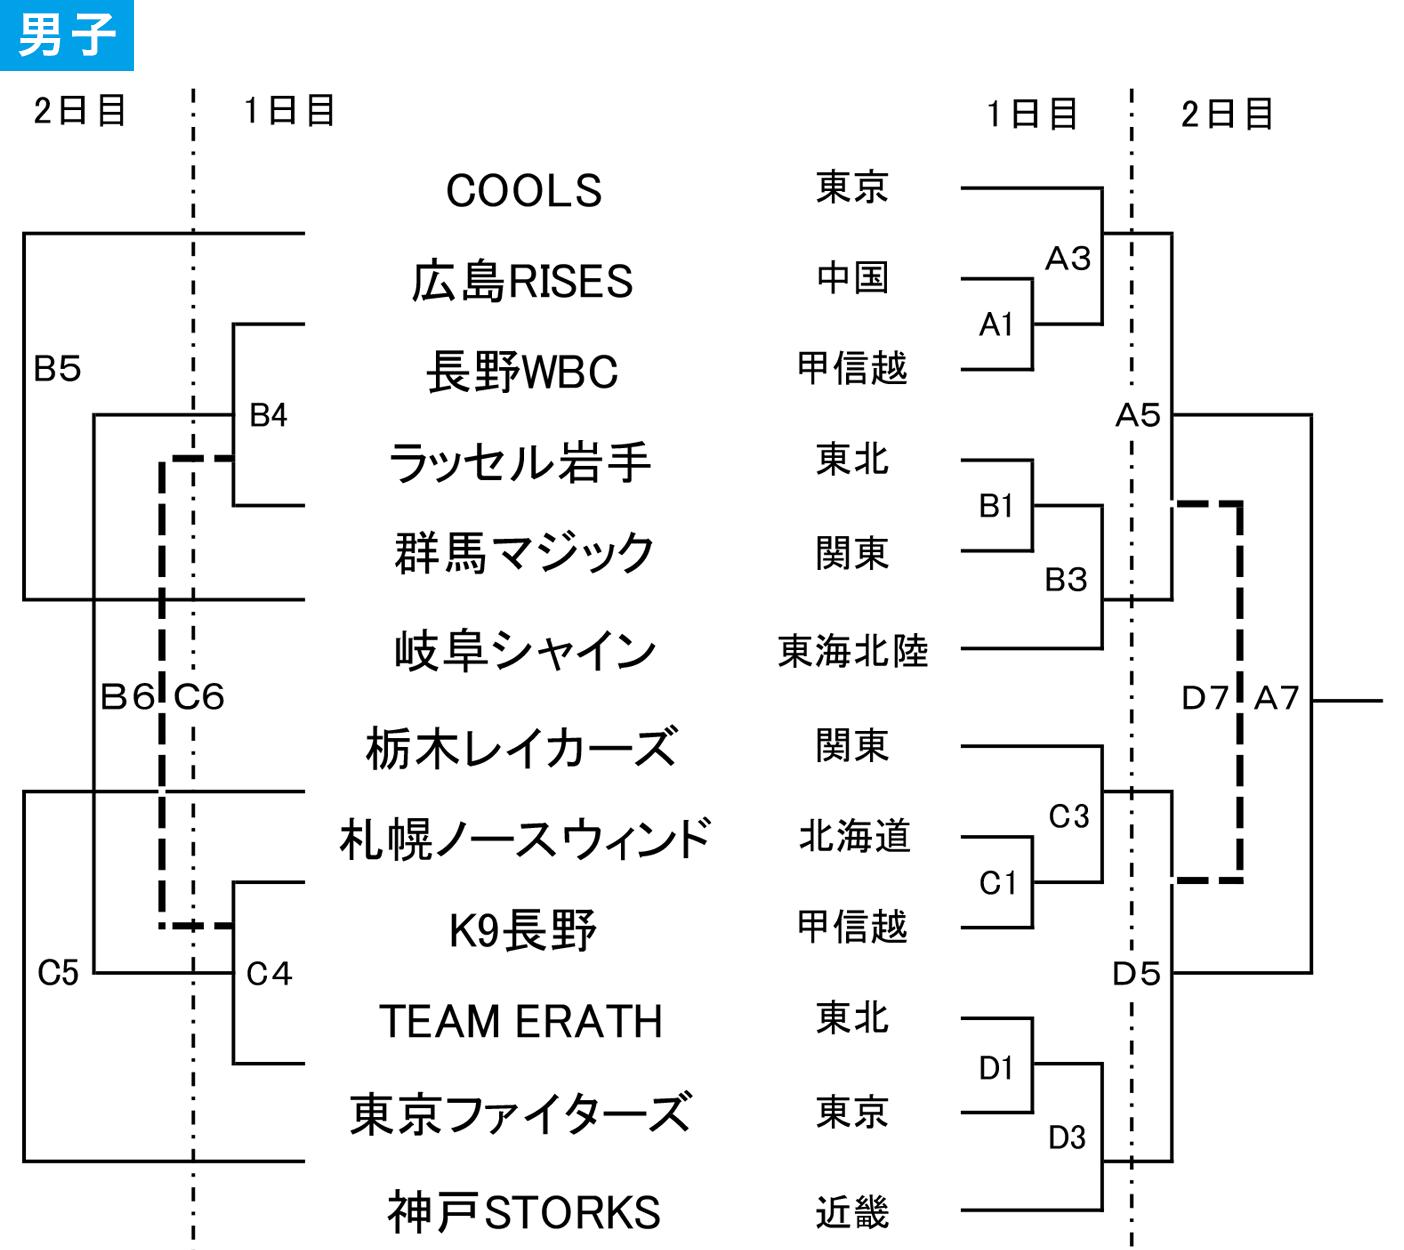 2019年度 第30回 日本選抜車椅子バスケットボール選手権大会 - 組み合わせ 男子